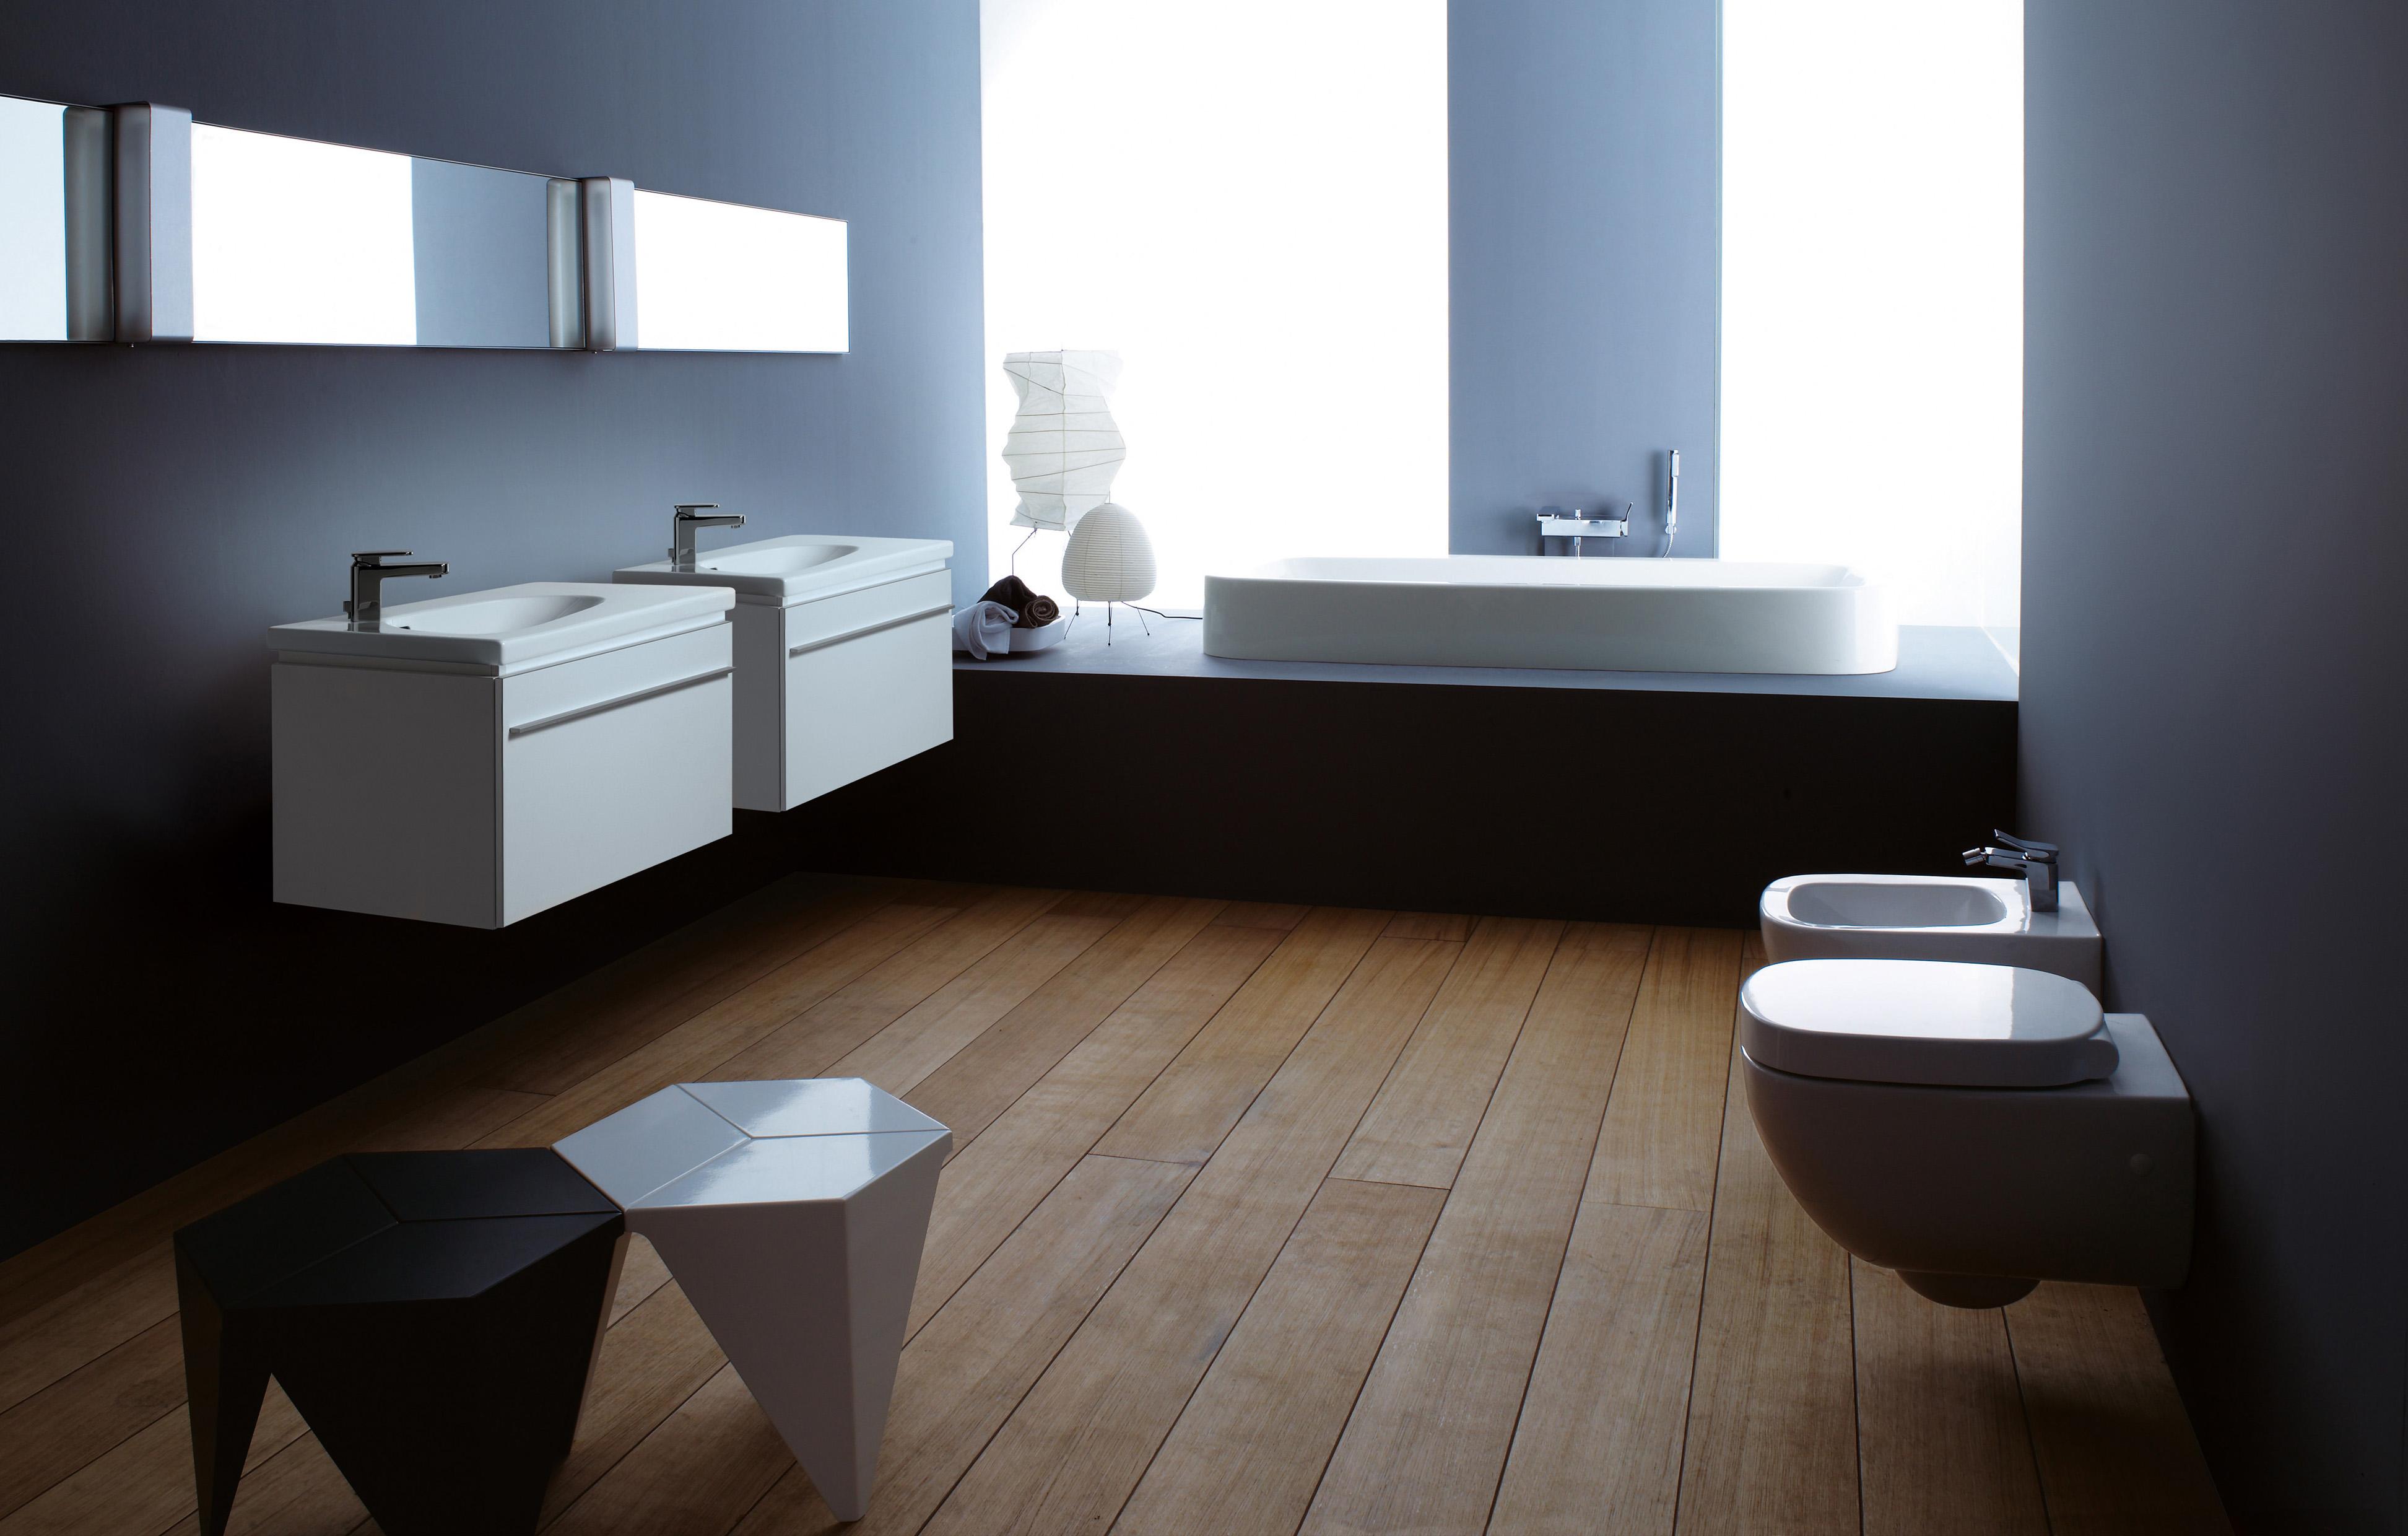 plomberie à charnière dans la salle de bain